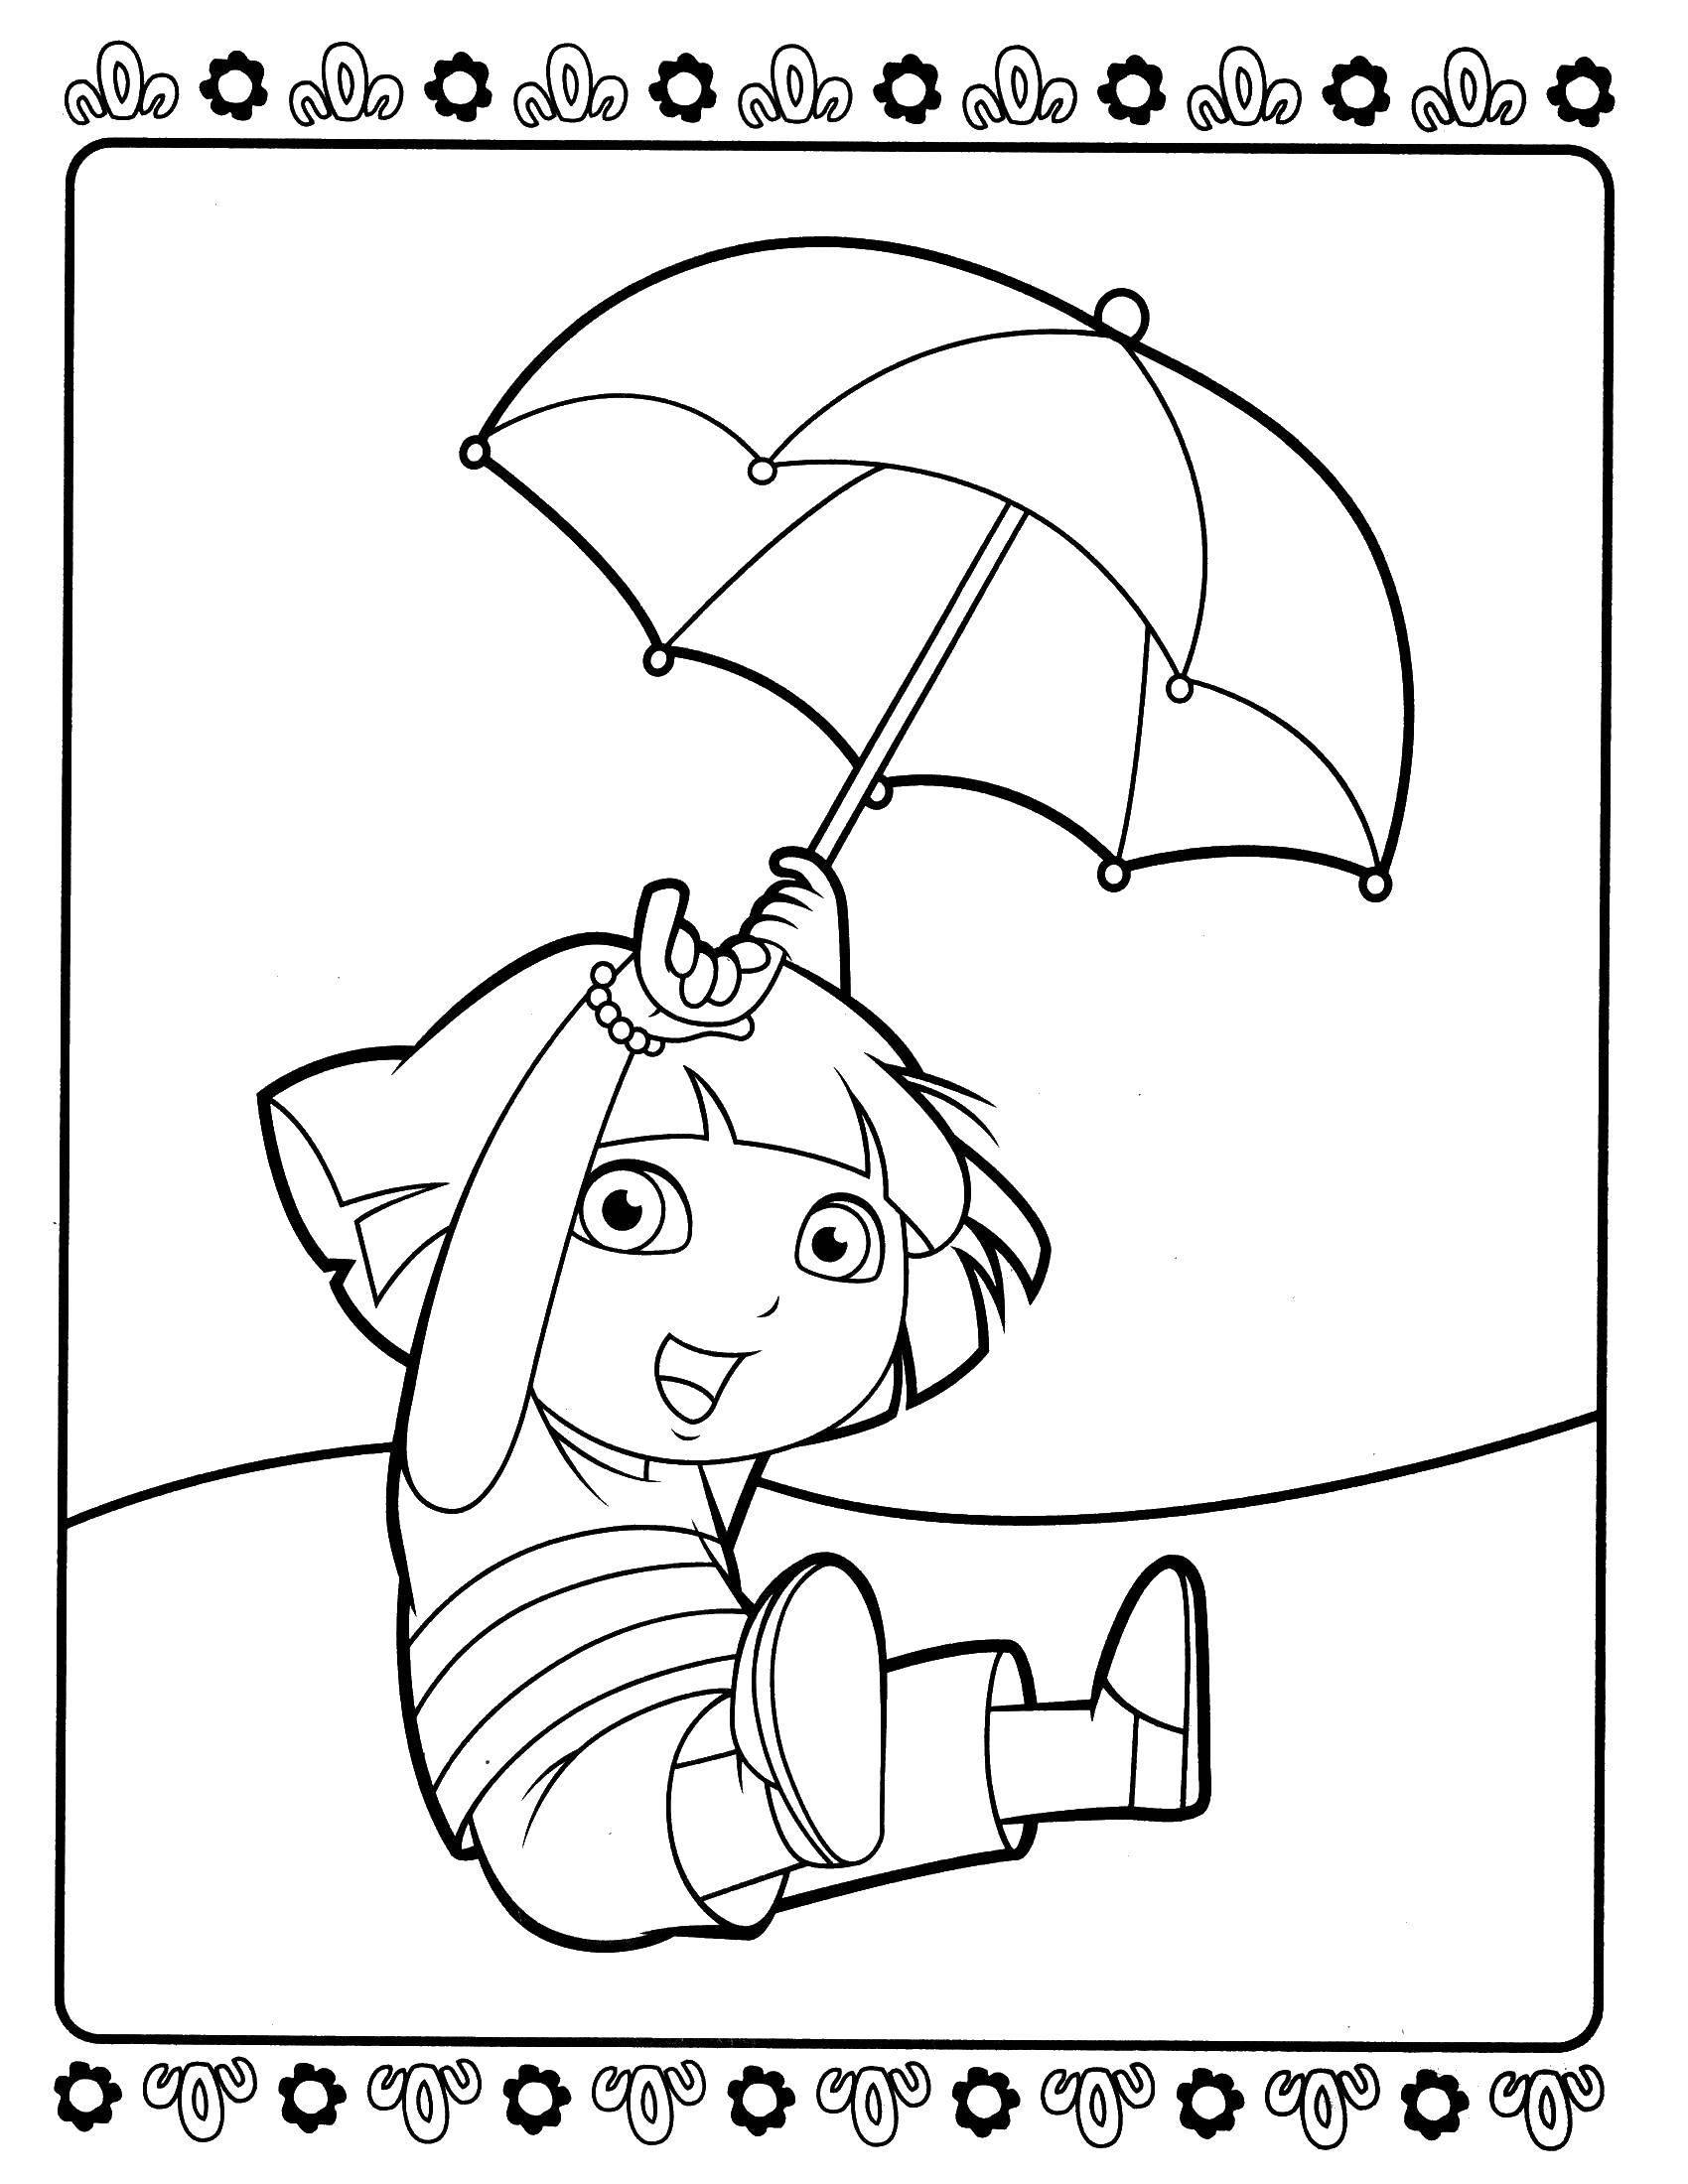 Раскраска Даша летит на зонтике Скачать ,Персонаж из мультфильма,.  Распечатать